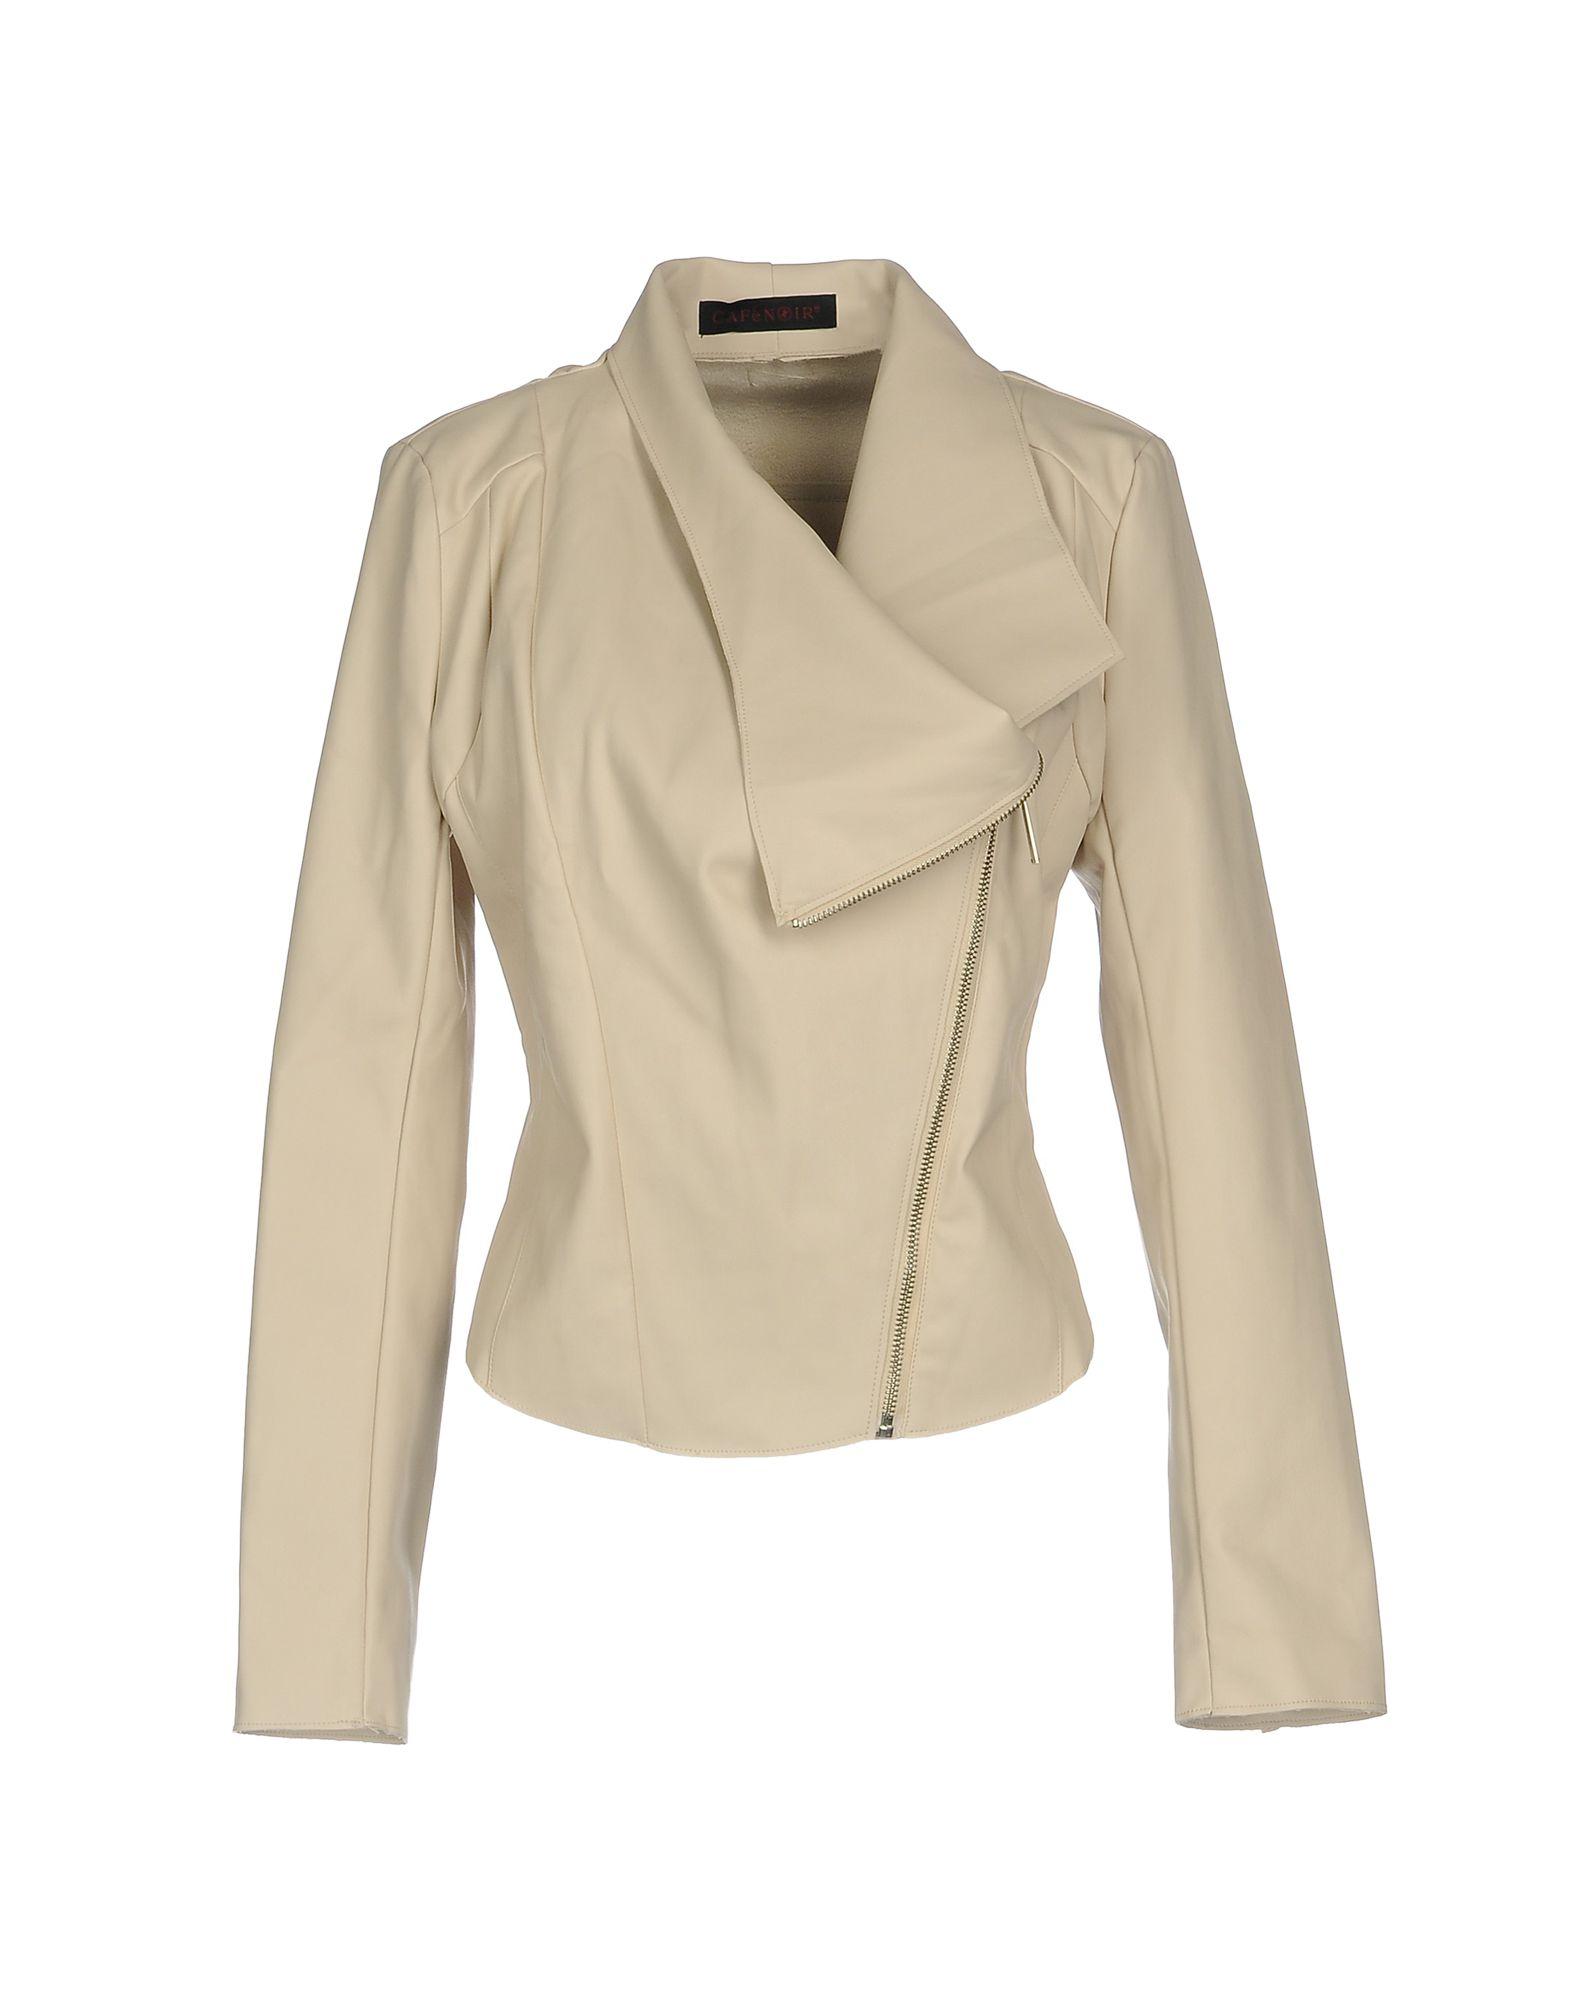 5 кожаных курток до 3500 рублей, как у Ксении Бородиной